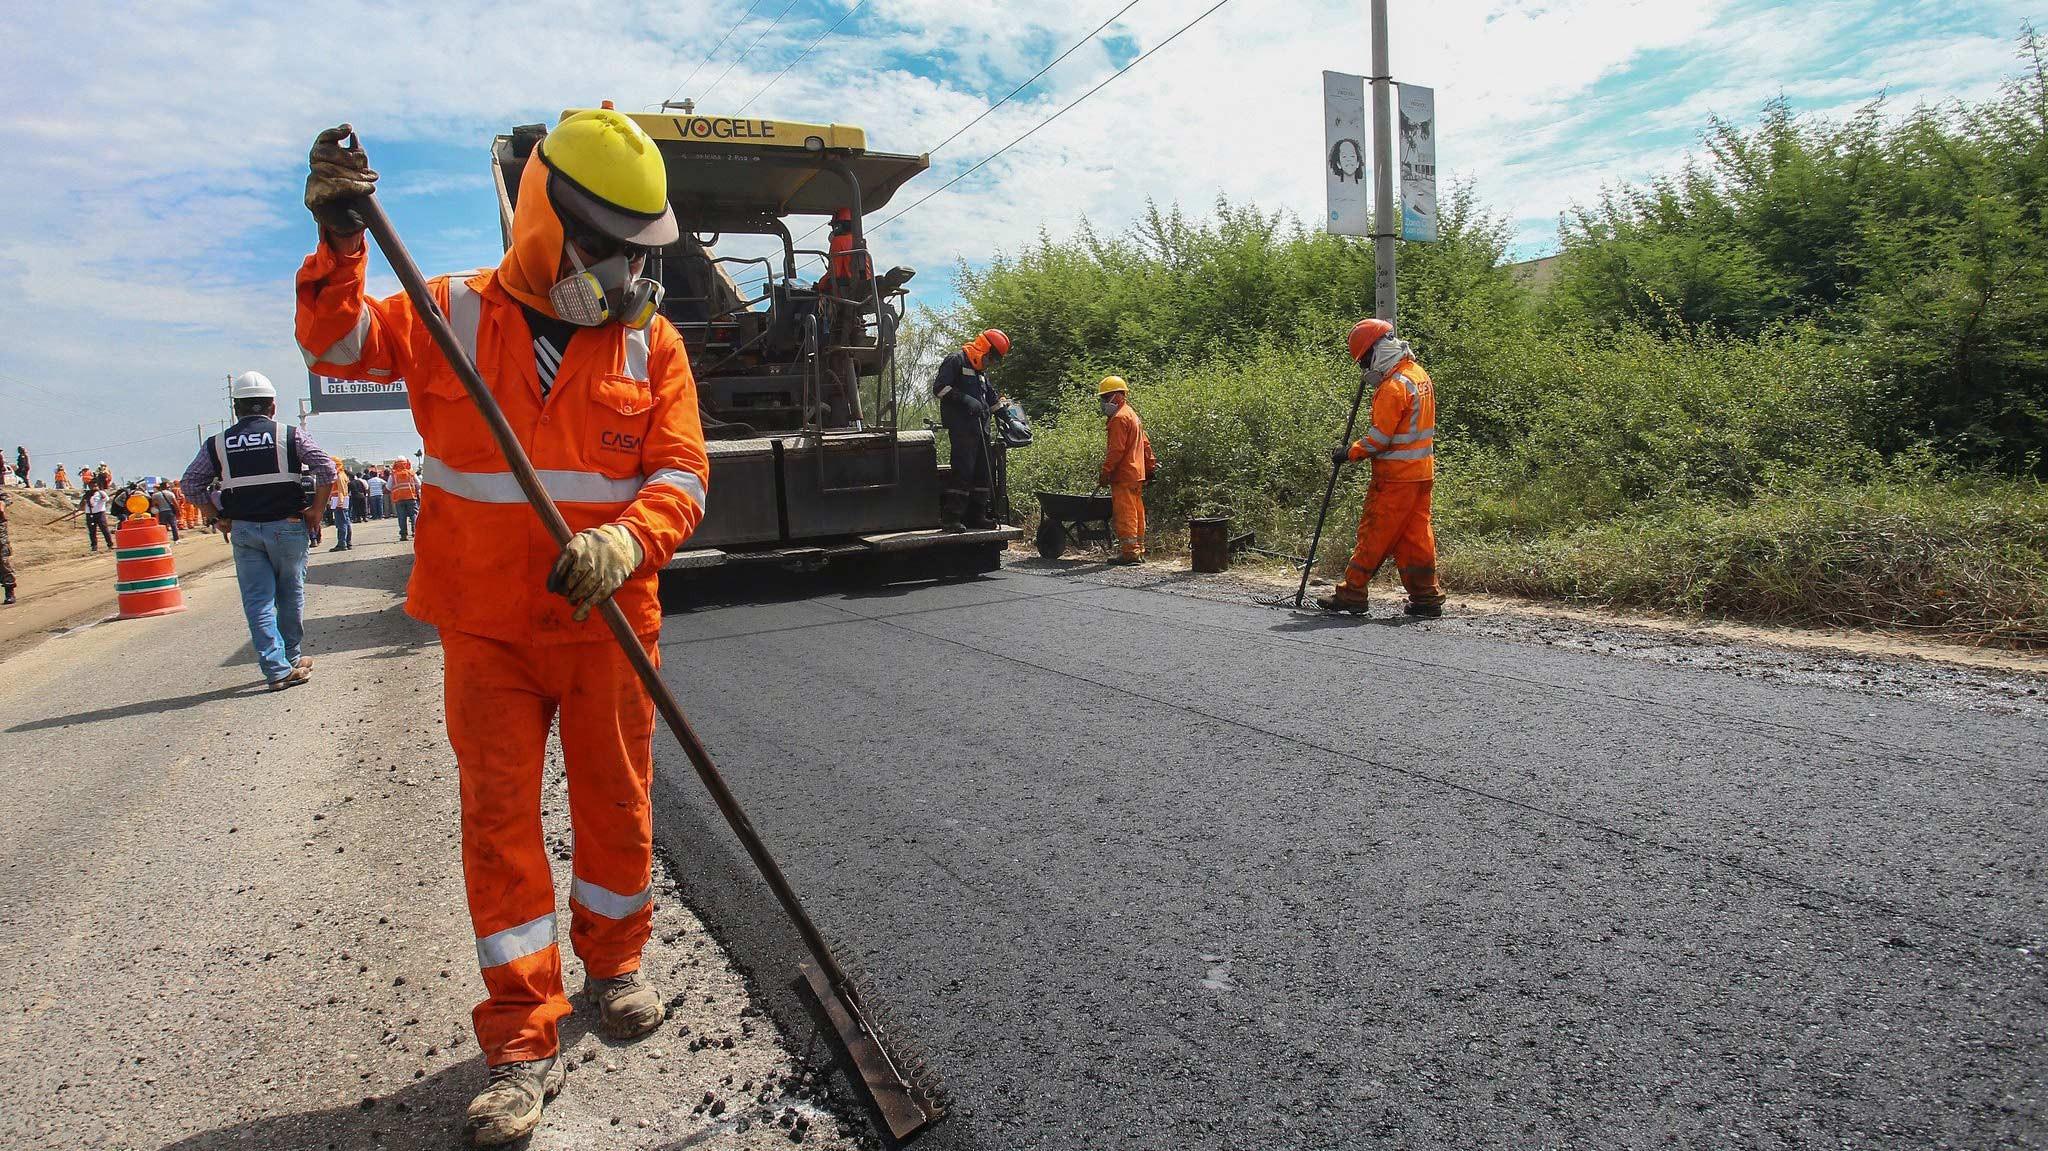 nuevo-modelo-para-la-gestion-de-obras-publicas-e-infraestructura